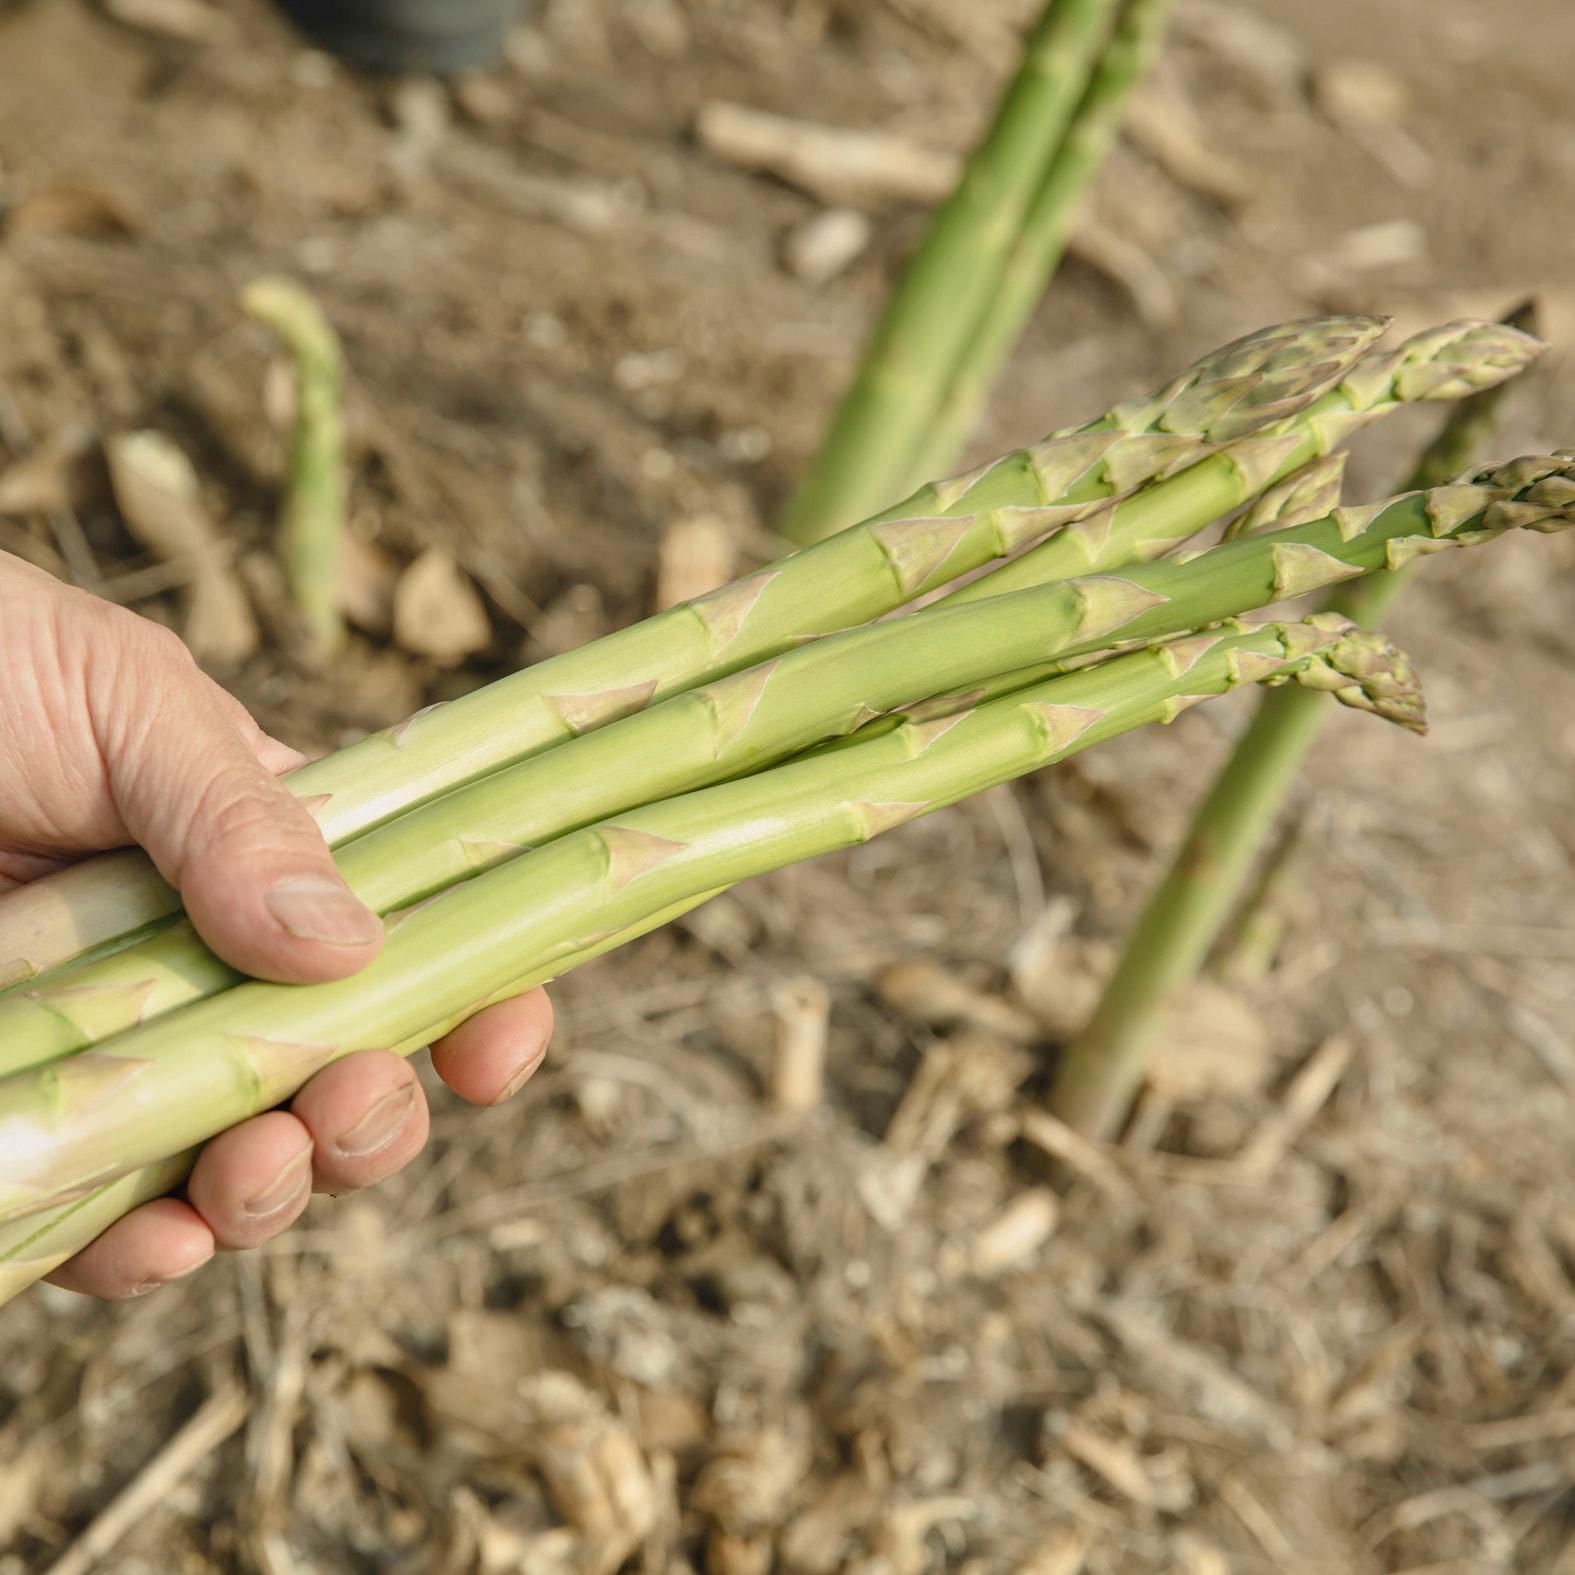 収穫したてのグリーンアスパラ,アスパラを手に取る